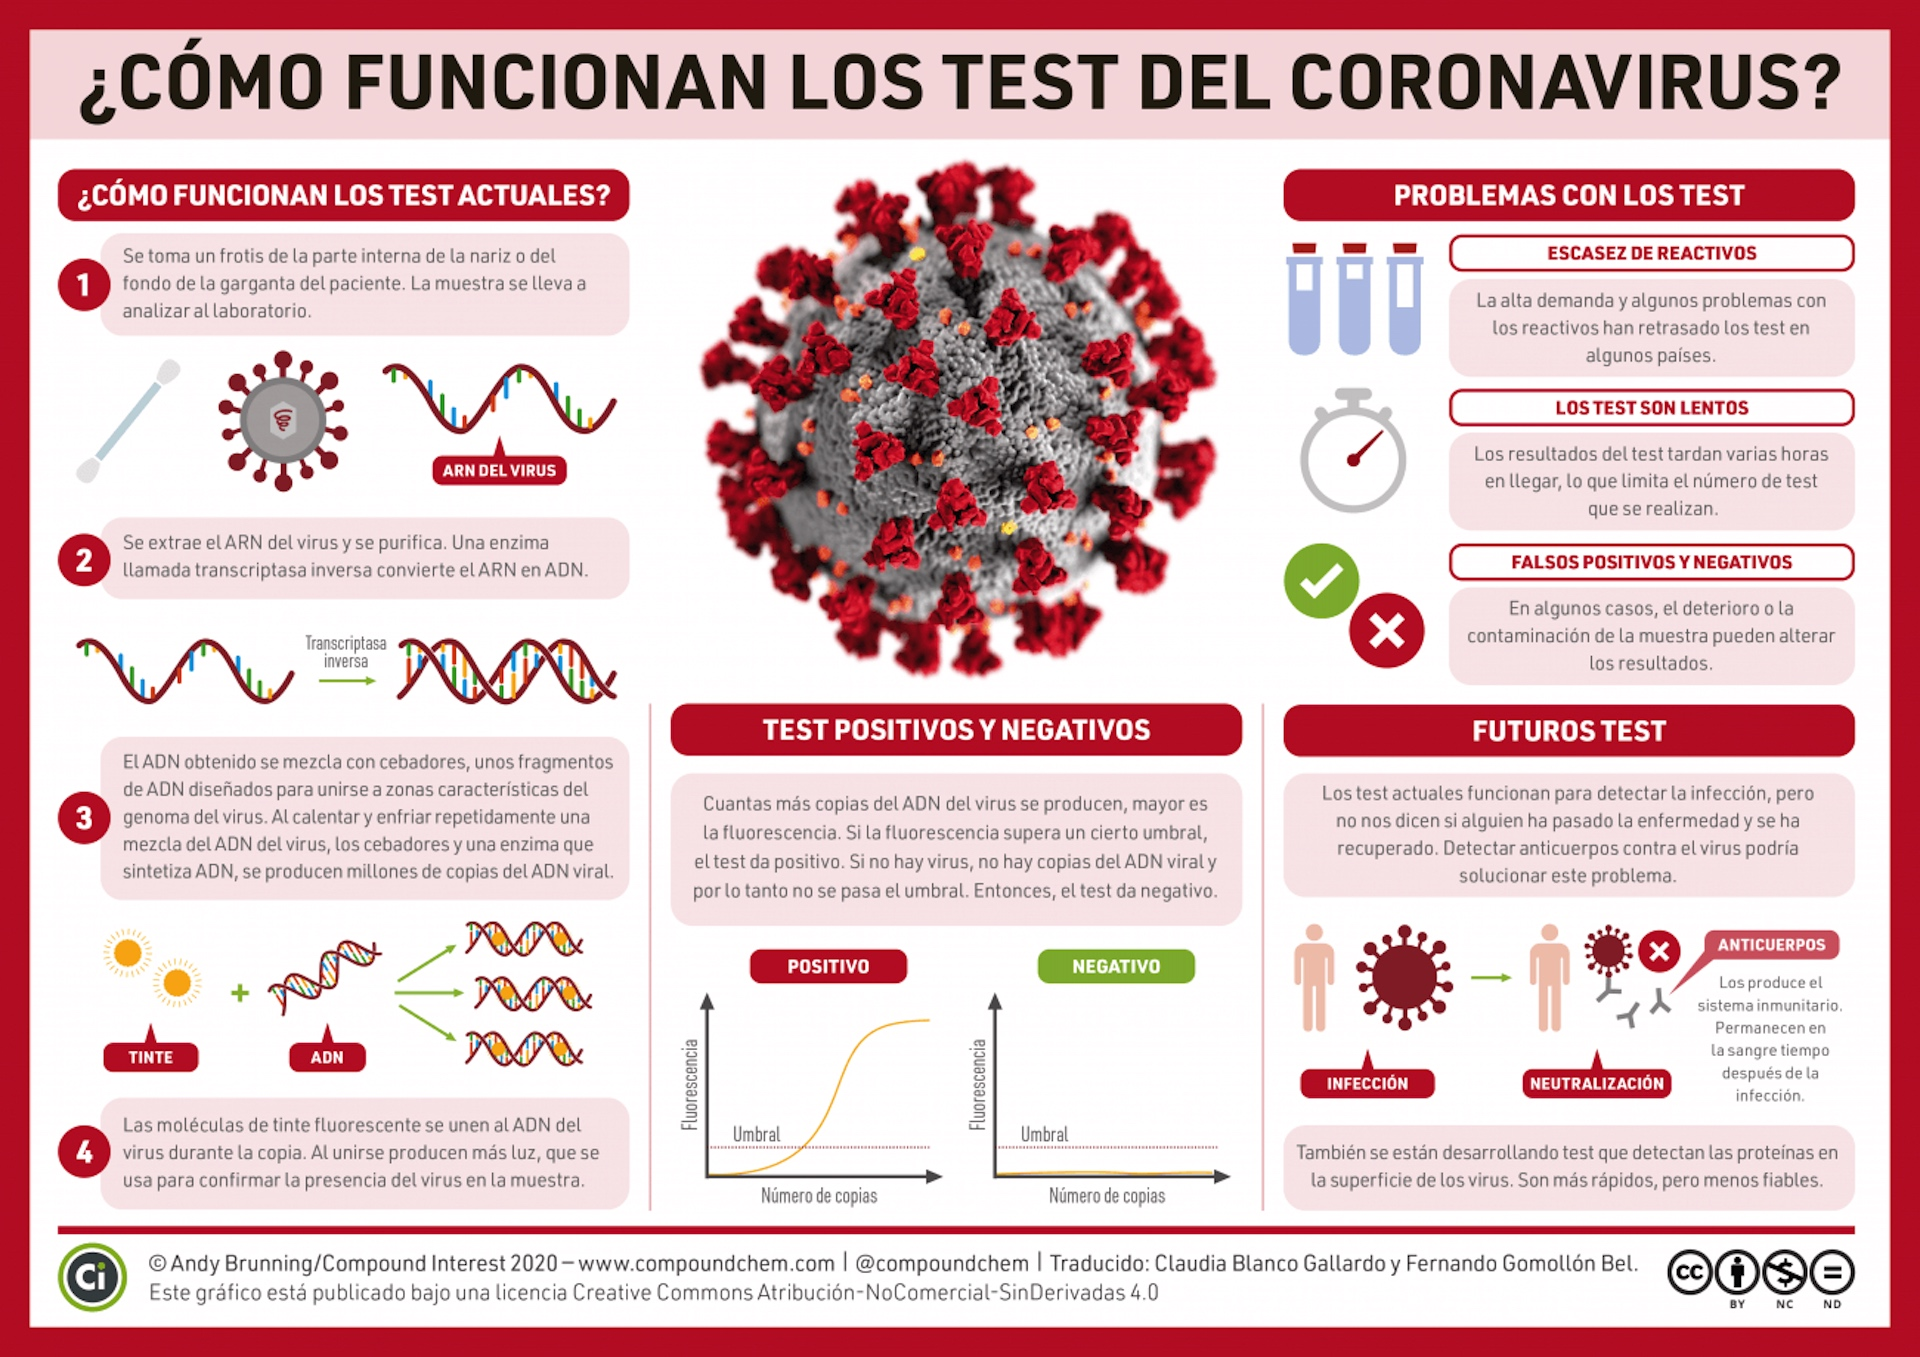 Fuente: Compound Interest / Traducida por Claudia Blanco y Fernando Gomollón